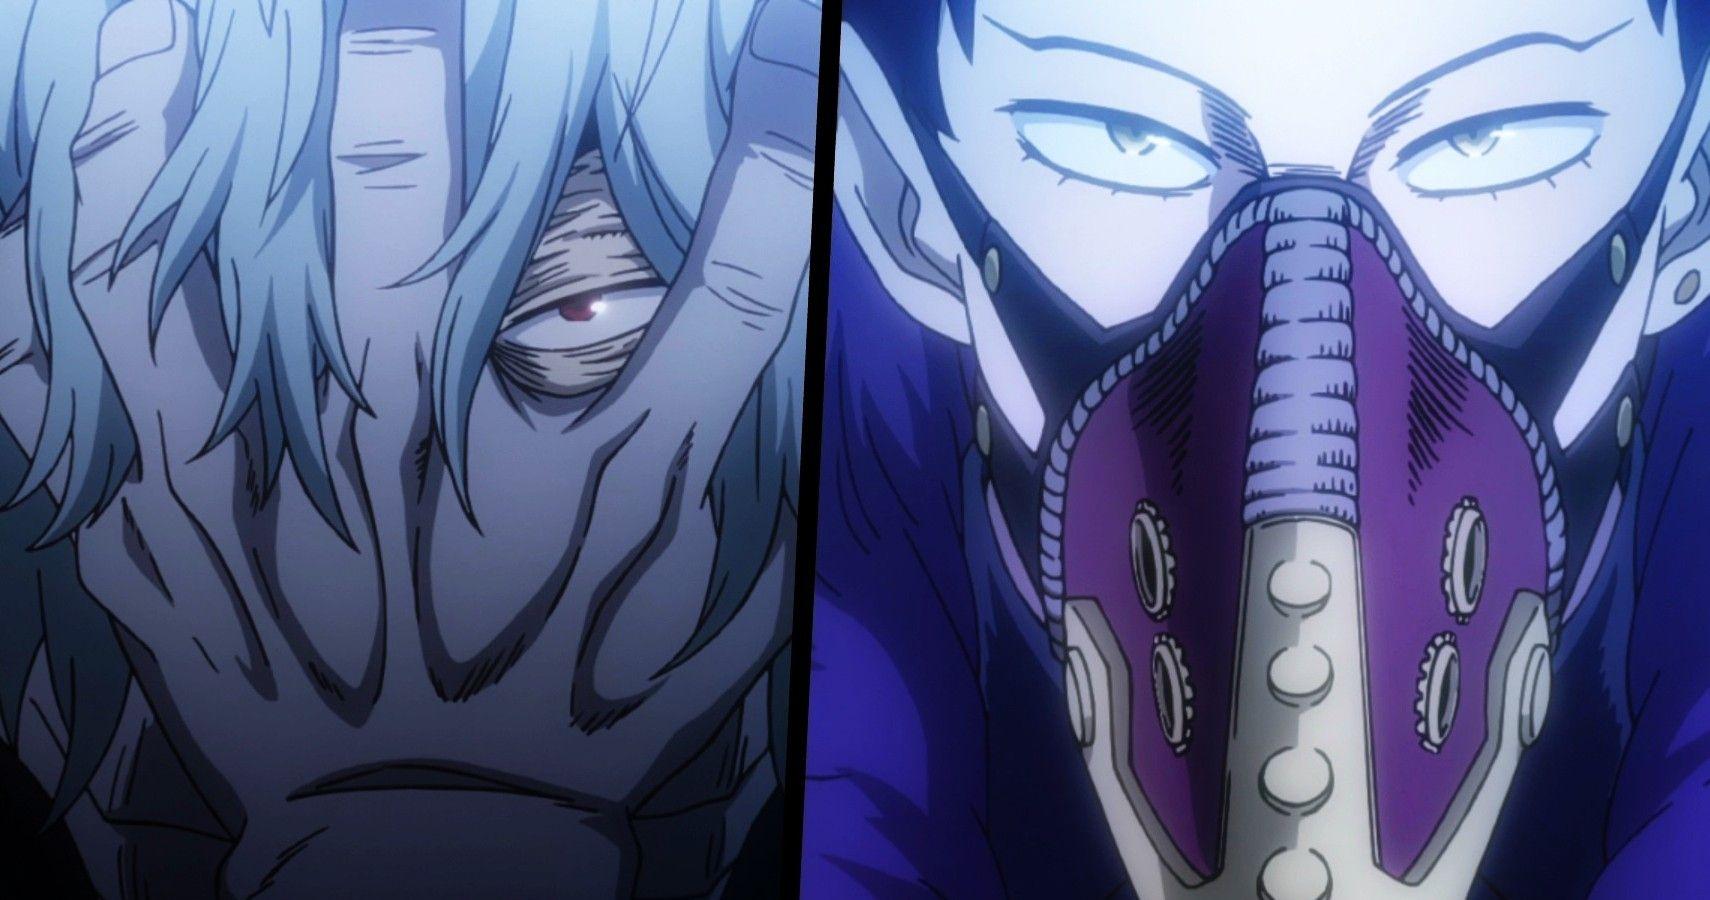 My Hero Academia 5 Villains Stronger Than Overhaul 5 Who Are Weaker Geunyeoga gongjagjeolo gaya haessdeon sajeong; my hero academia 5 villains stronger